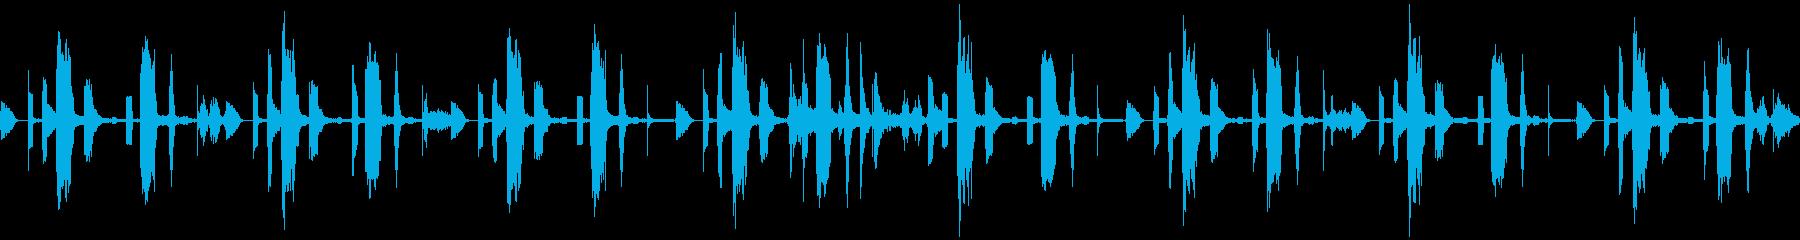 ピコピコかわいい、デジタルな待機BGMの再生済みの波形